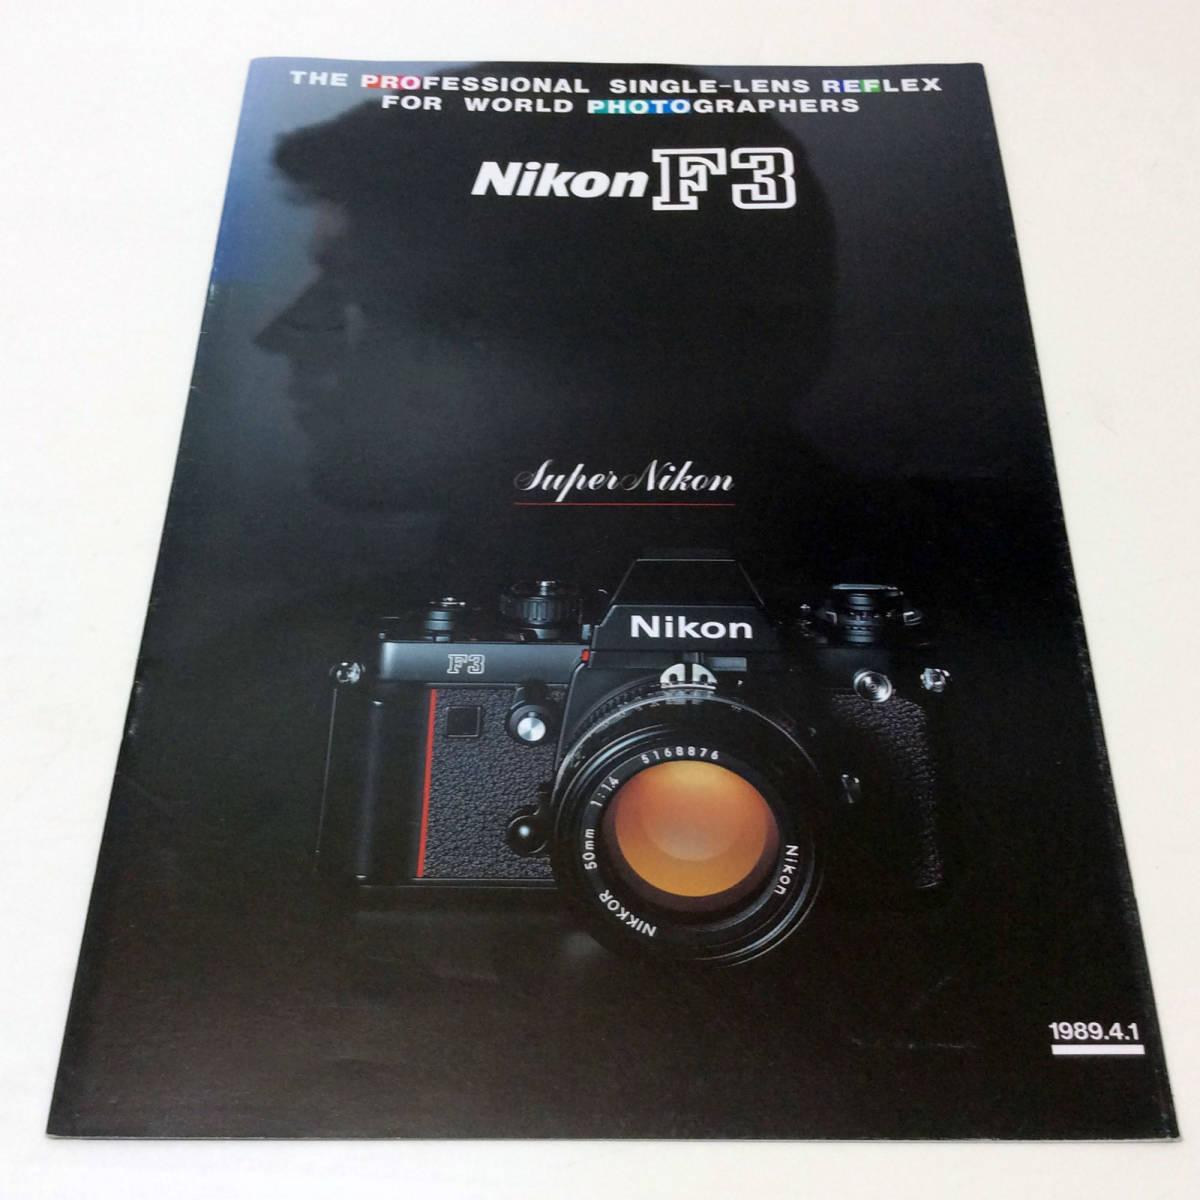 ニコン カタログ (F4形 89年版 A4-31頁、F3形 89年版 A4-24頁、FM2形 89年版 A4-10頁 計3部)_画像2